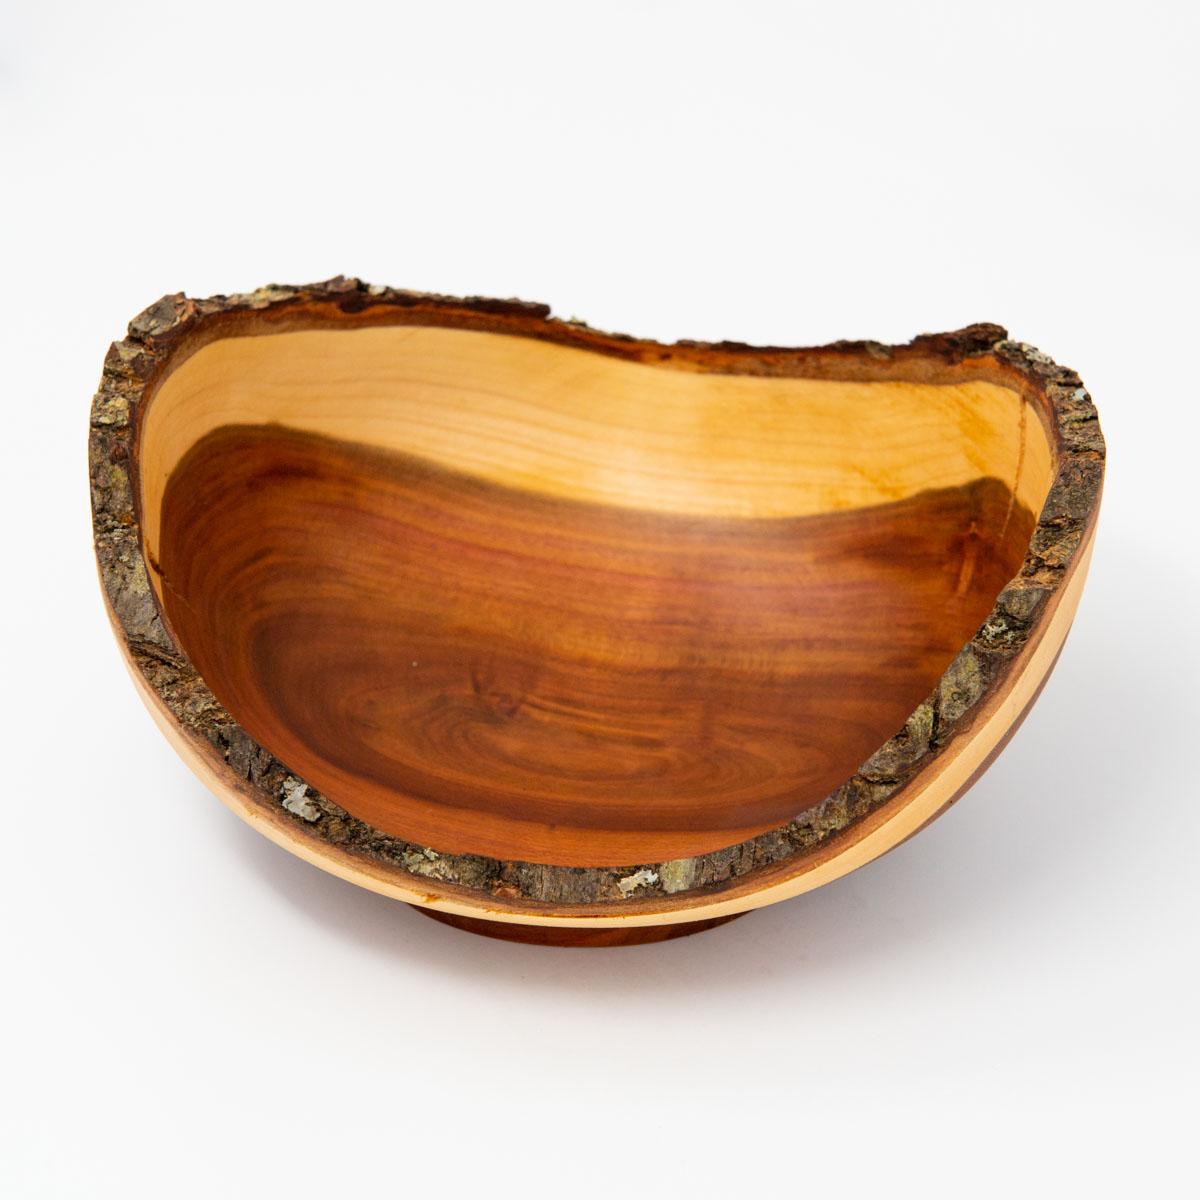 unique decorative bowl